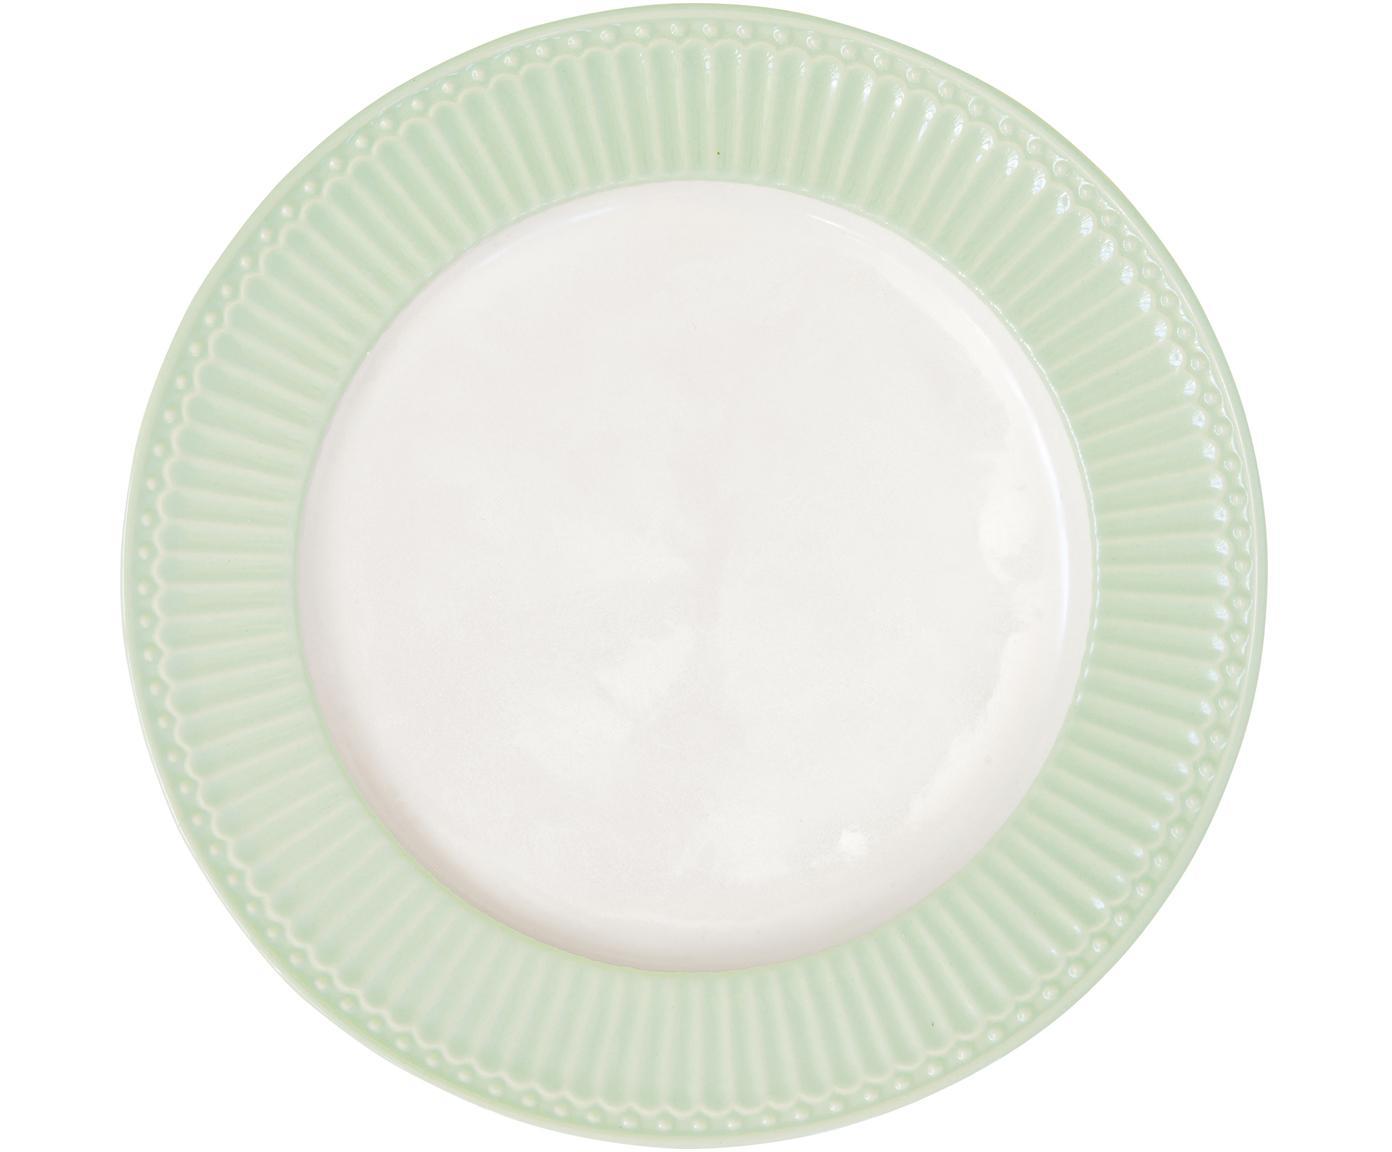 Talerz duży Alice, 2 szt., Porcelana, Miętowozielony, biały, Ø 27 cm